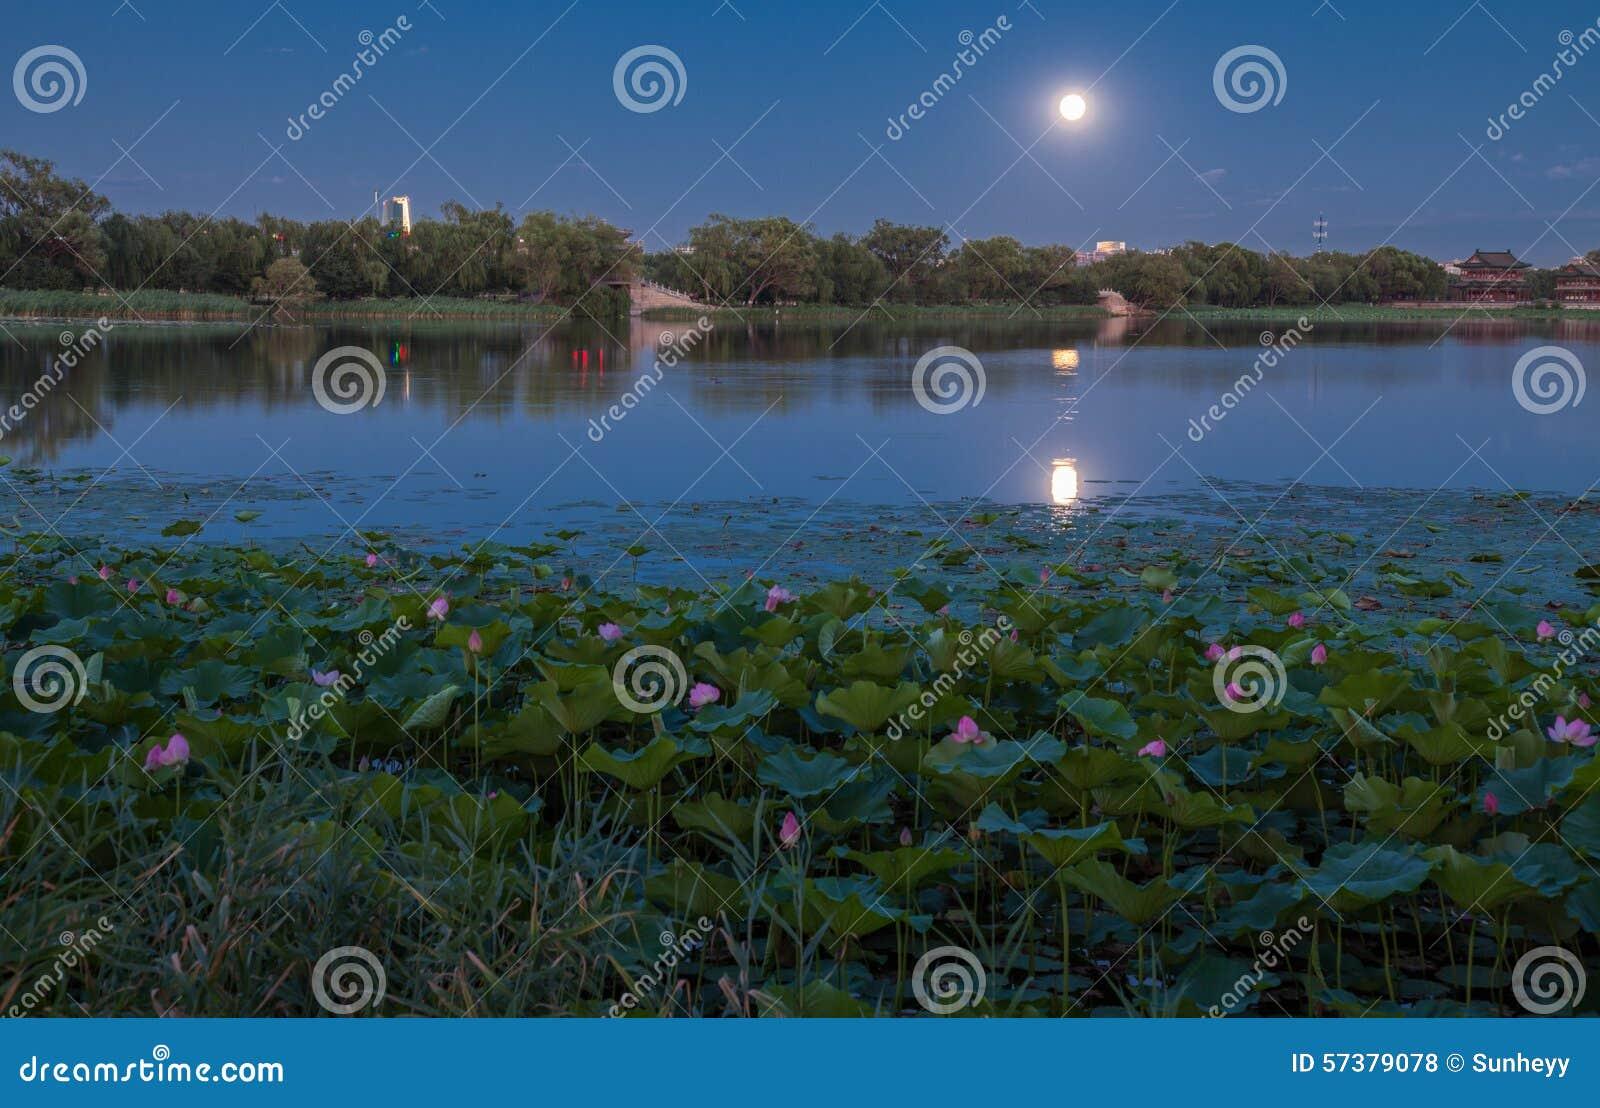 Lotusbloemvijver bij nacht